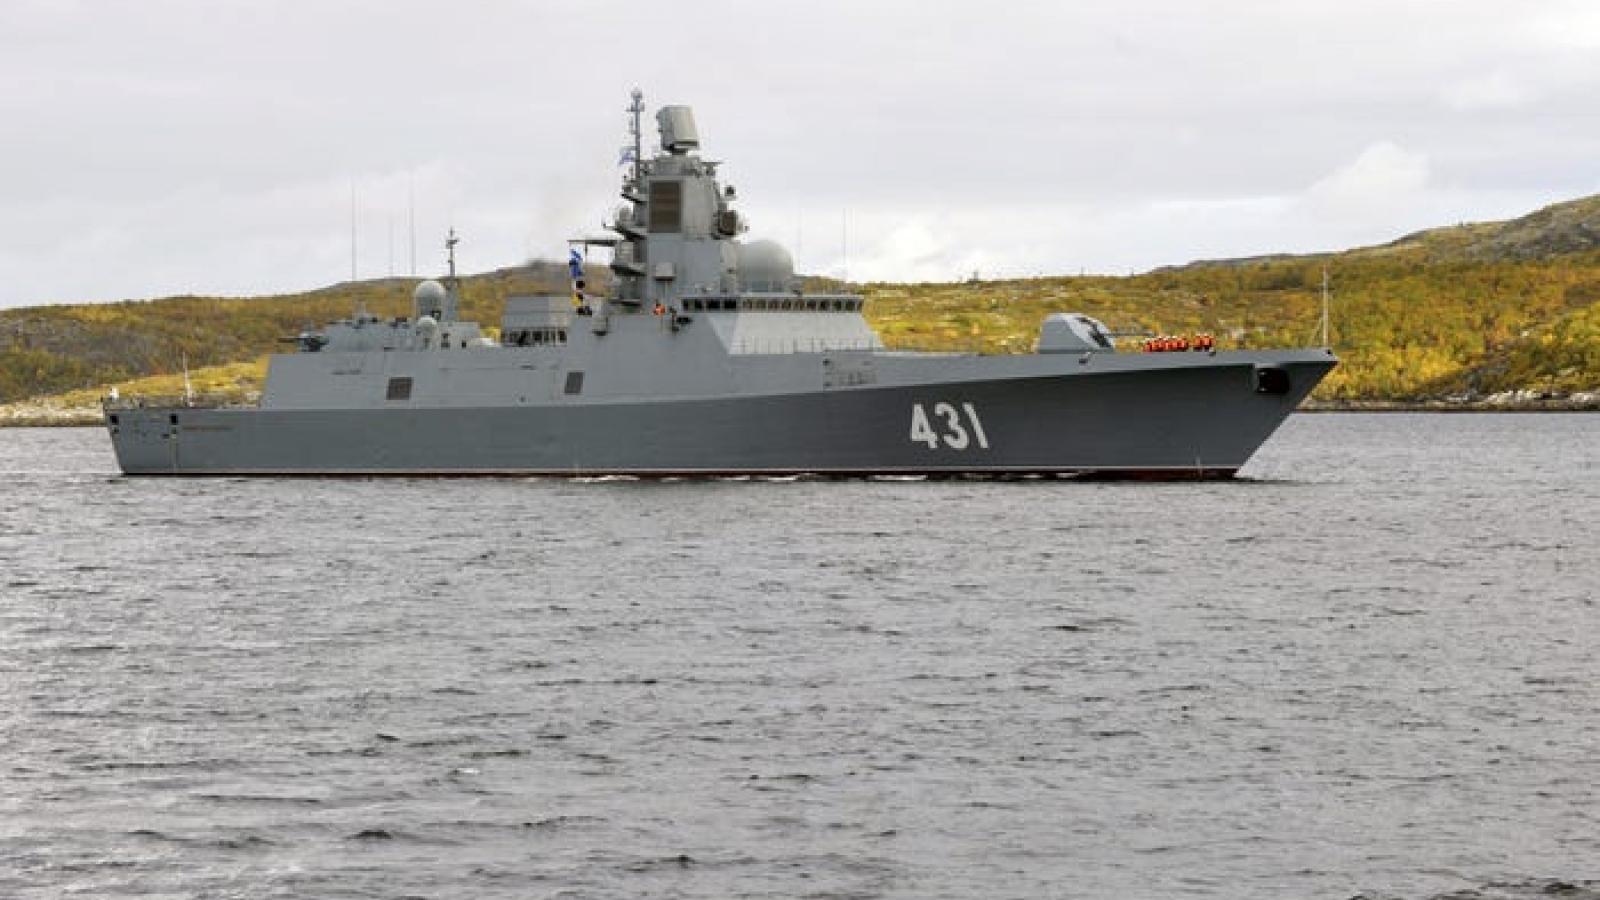 """Những tàu khu trục """"nhỏ nhưng có võ"""" sẽ sớm trở thành xương sống của Hải quân Nga"""